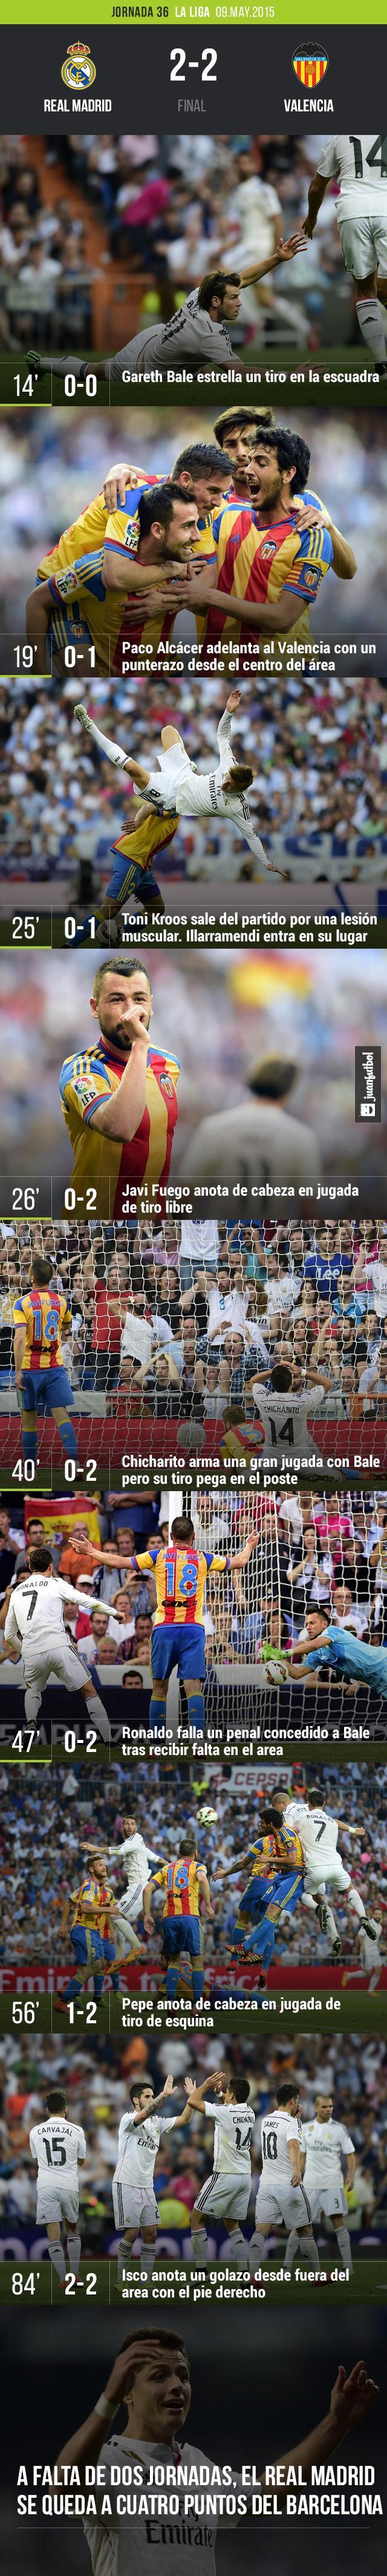 Real Madrid empata a dos goles con el Valencia. El portero Diego Alves tuvo un gran partido